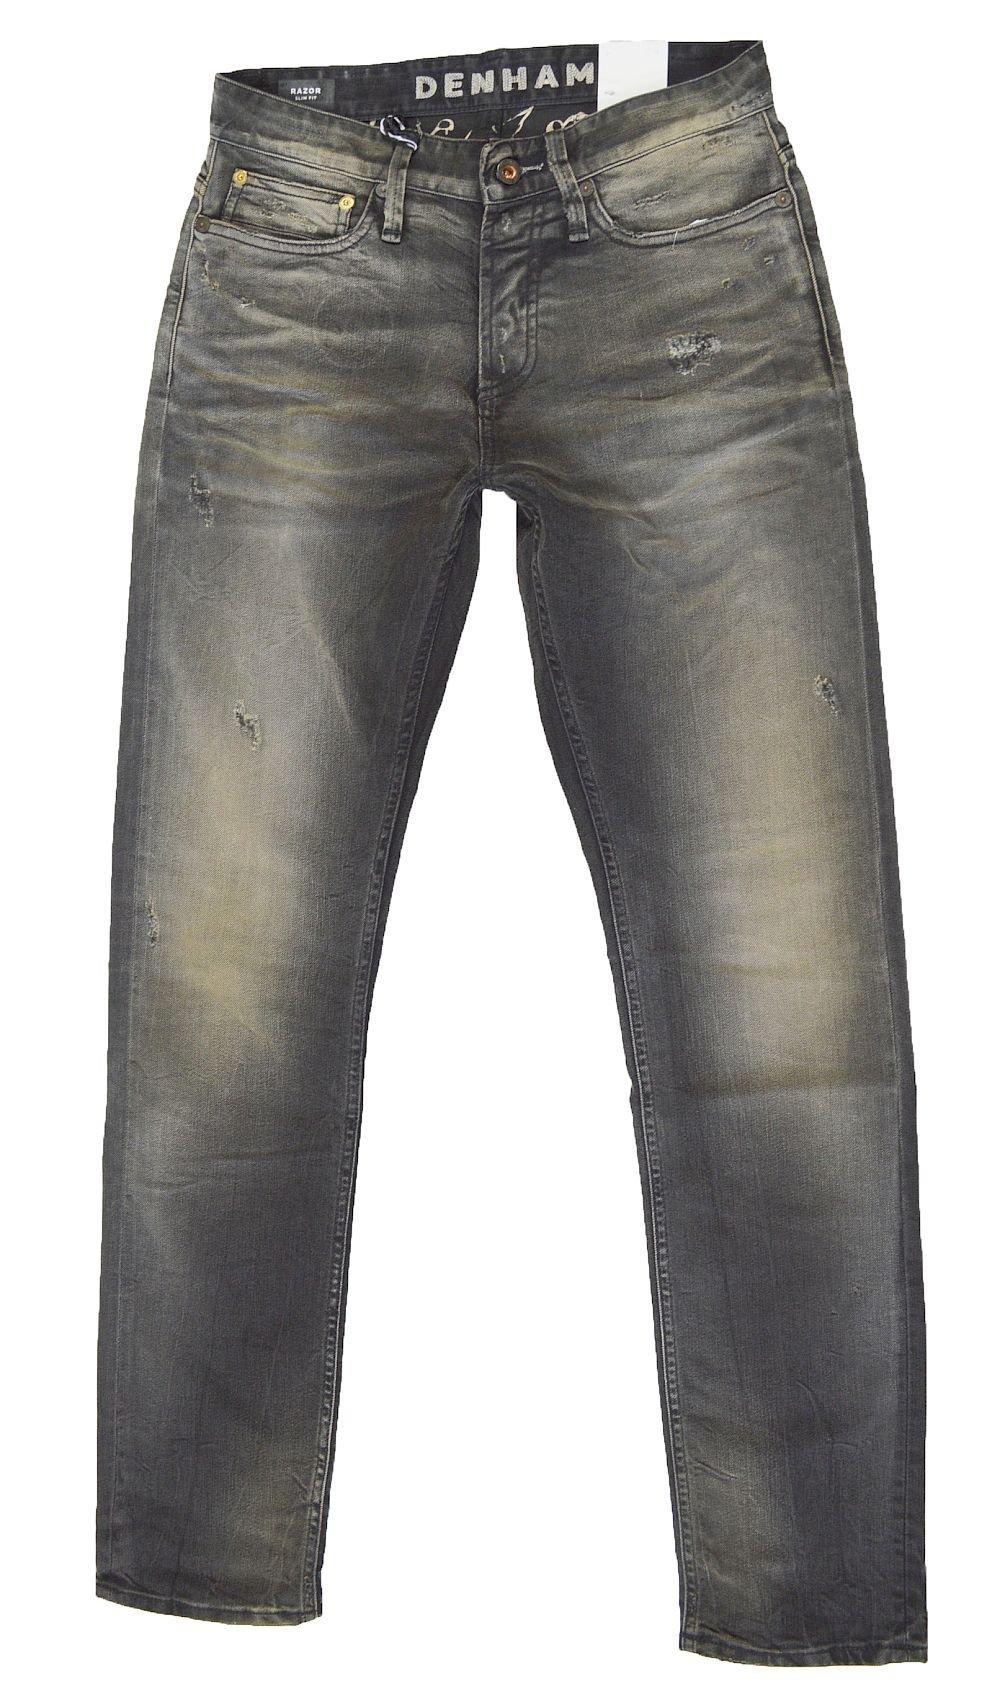 Denham Jeans – Zeitgemäße Schnitte, raffiniertes Design